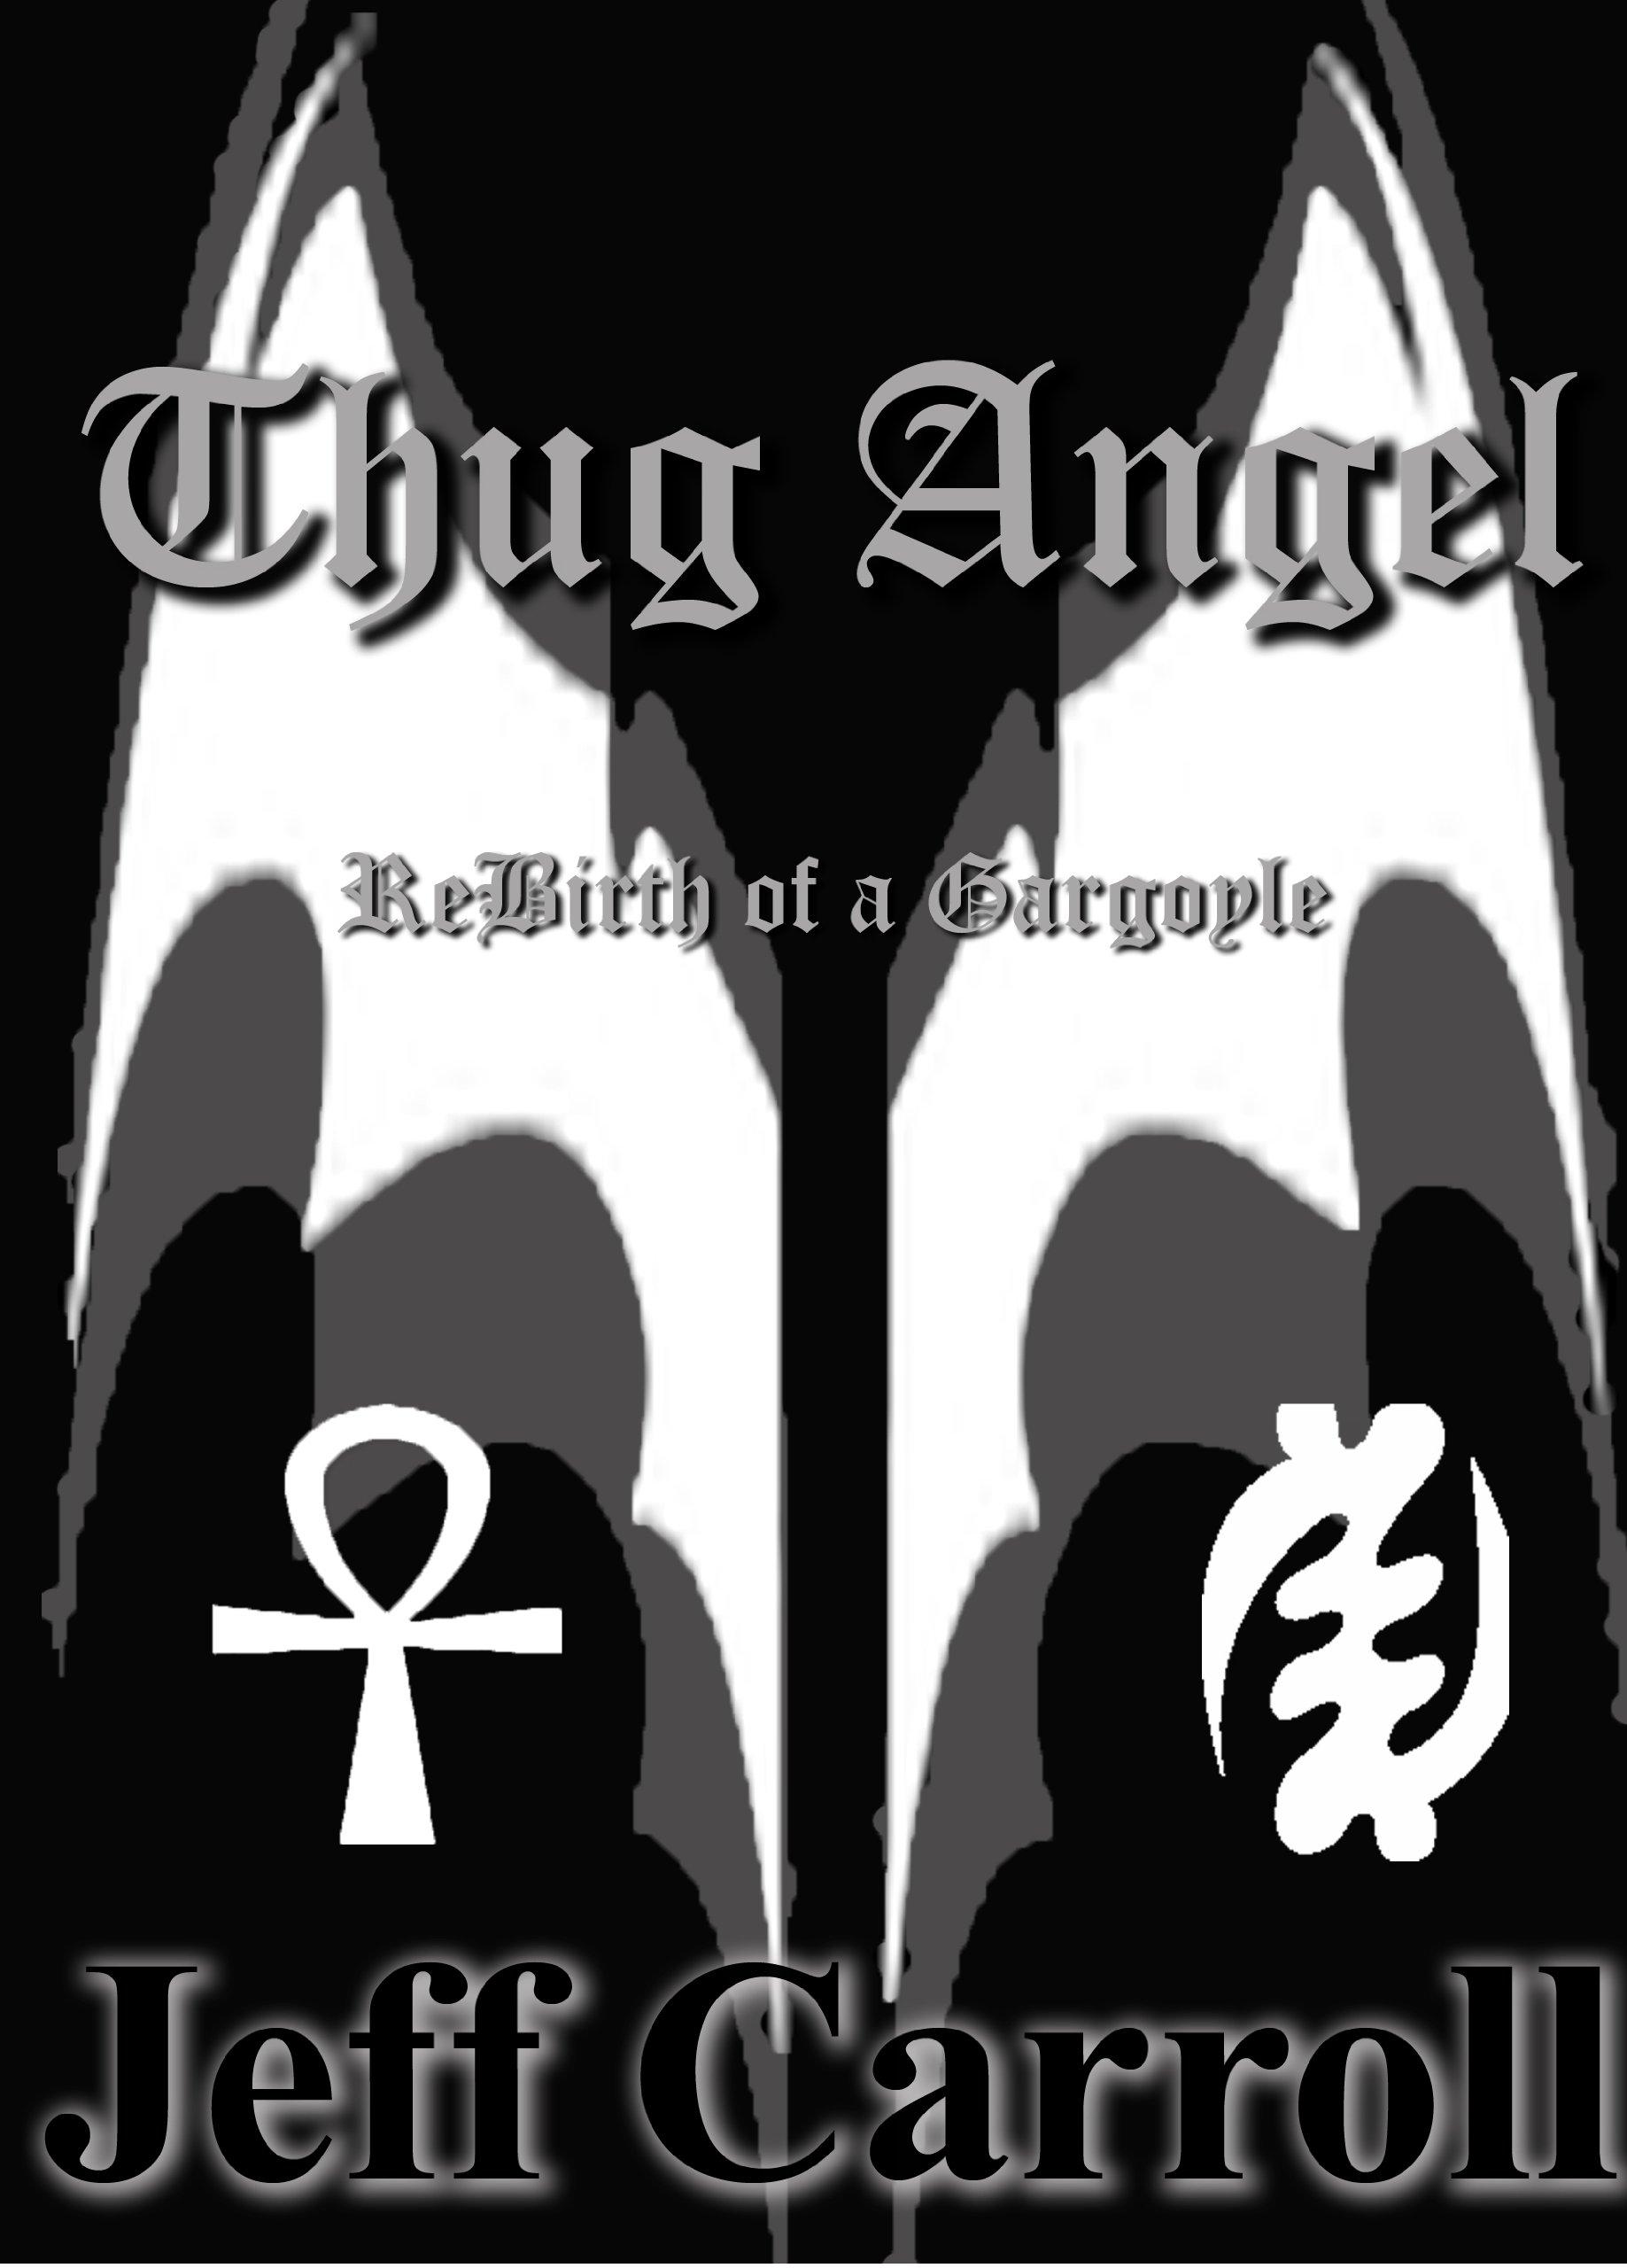 Thug Angel Rebirth of a Gargoyle: Jeff Carroll: 9780982008737